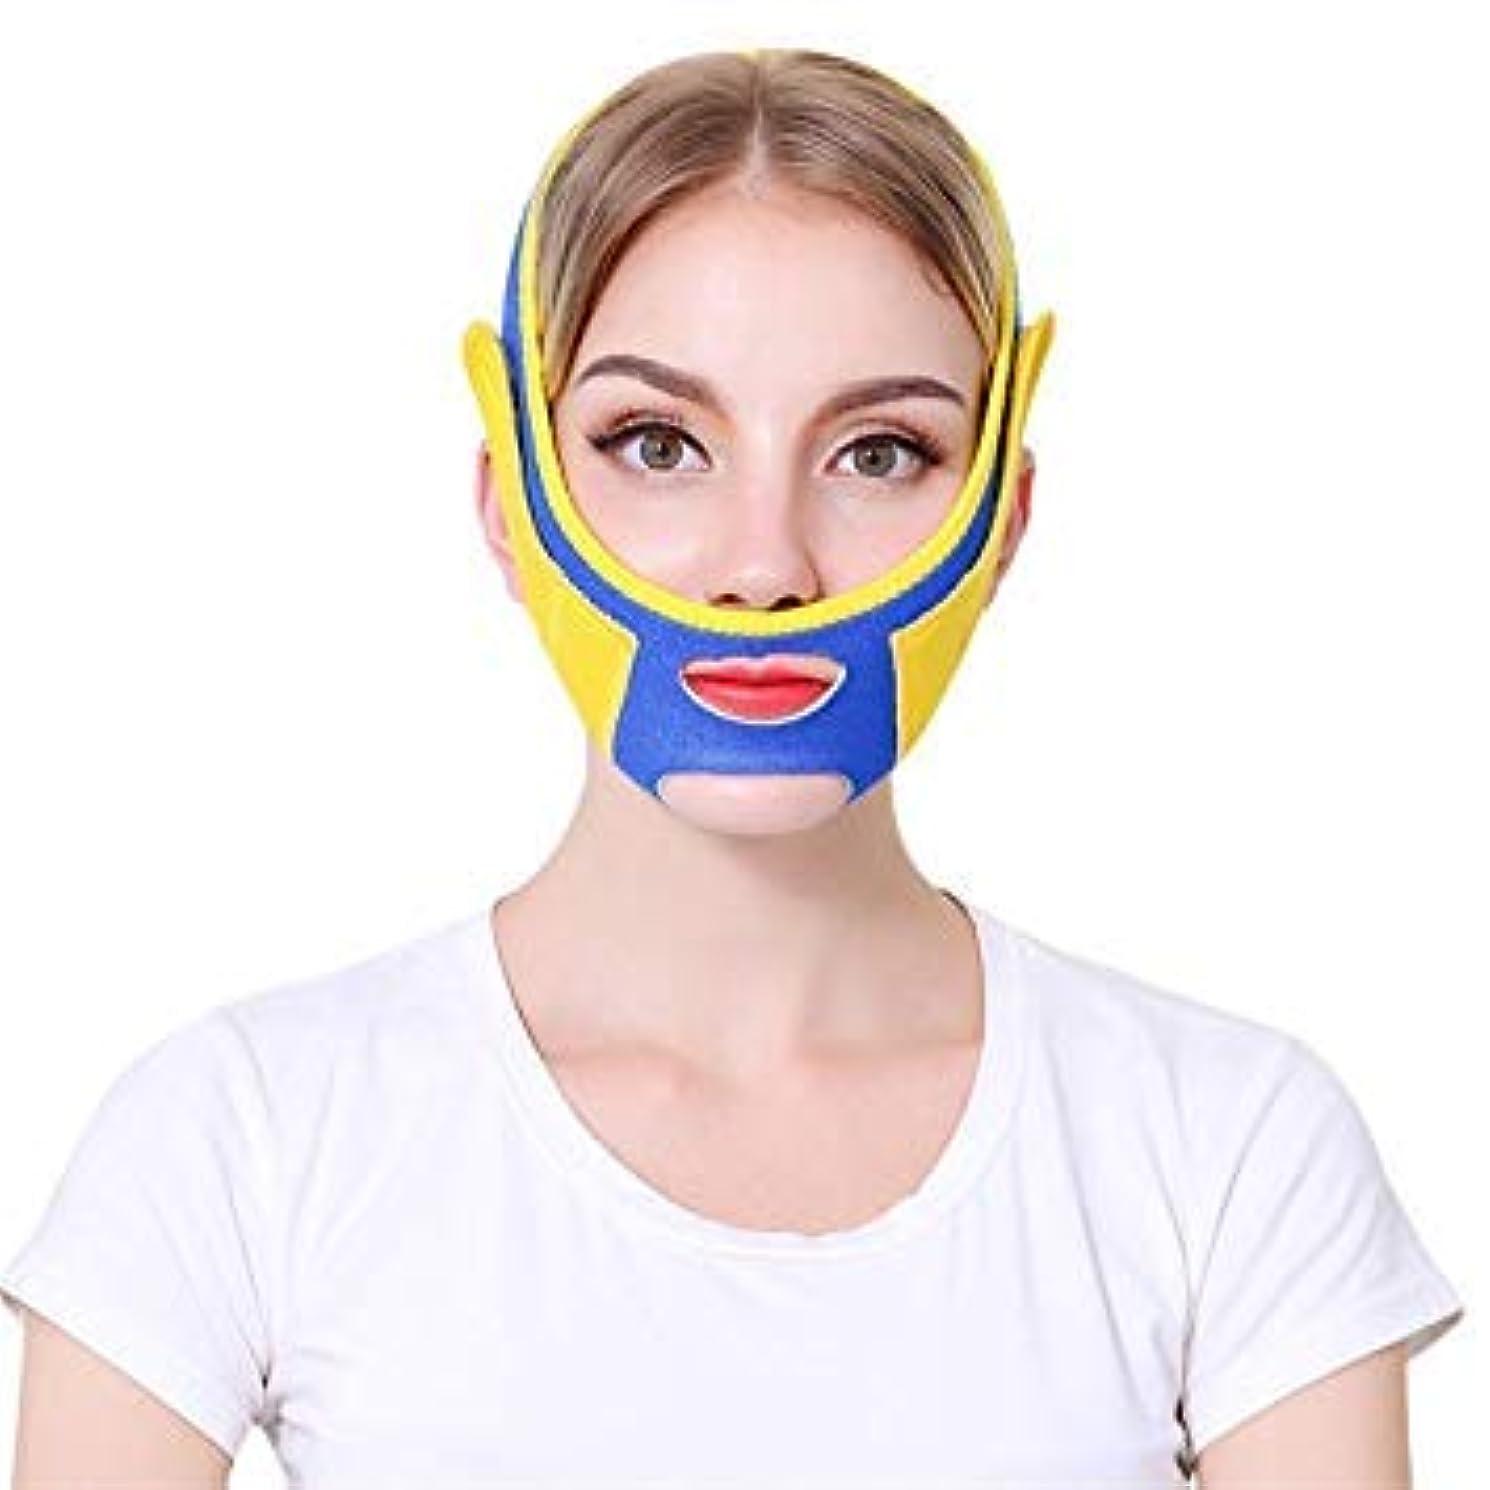 中性まともな鋭く顔のリフティングスリムウエストバンド、頬のV字型リフティング薄型マスク、滑らかで通気性のあるコンプレッションダブルあご付きで包帯を減らし、フェイスリフト/スリミング/スリープフェイス/マスクで体重を減らします (blue)